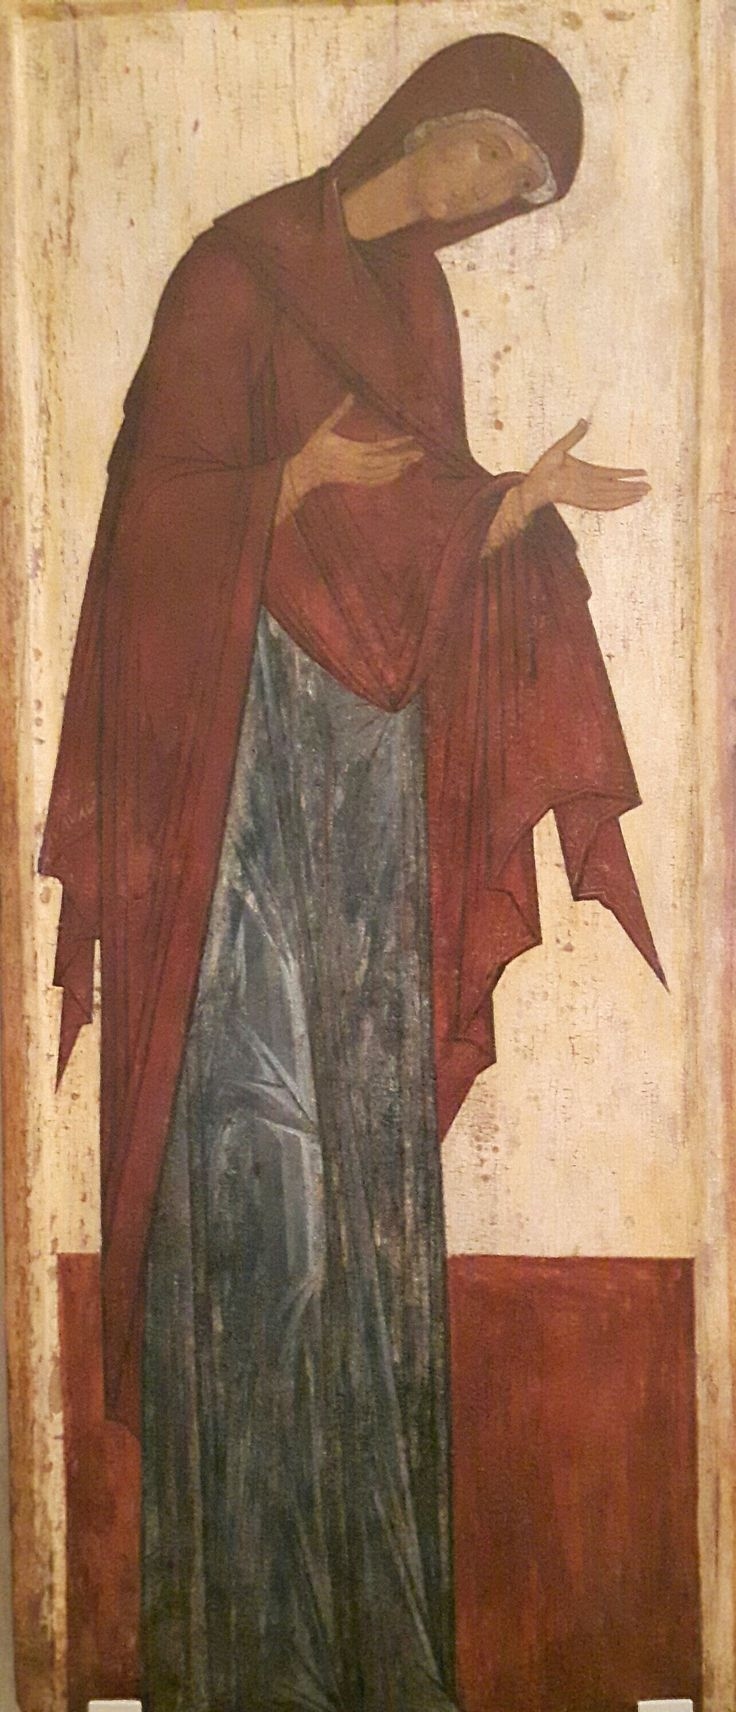 Vergine. Da un registro di Deesis. Scuola di Rostov-Suzdal. Inizi XVI secolo. Andrey Rublëv Museum of Early Russian Art. Moscow